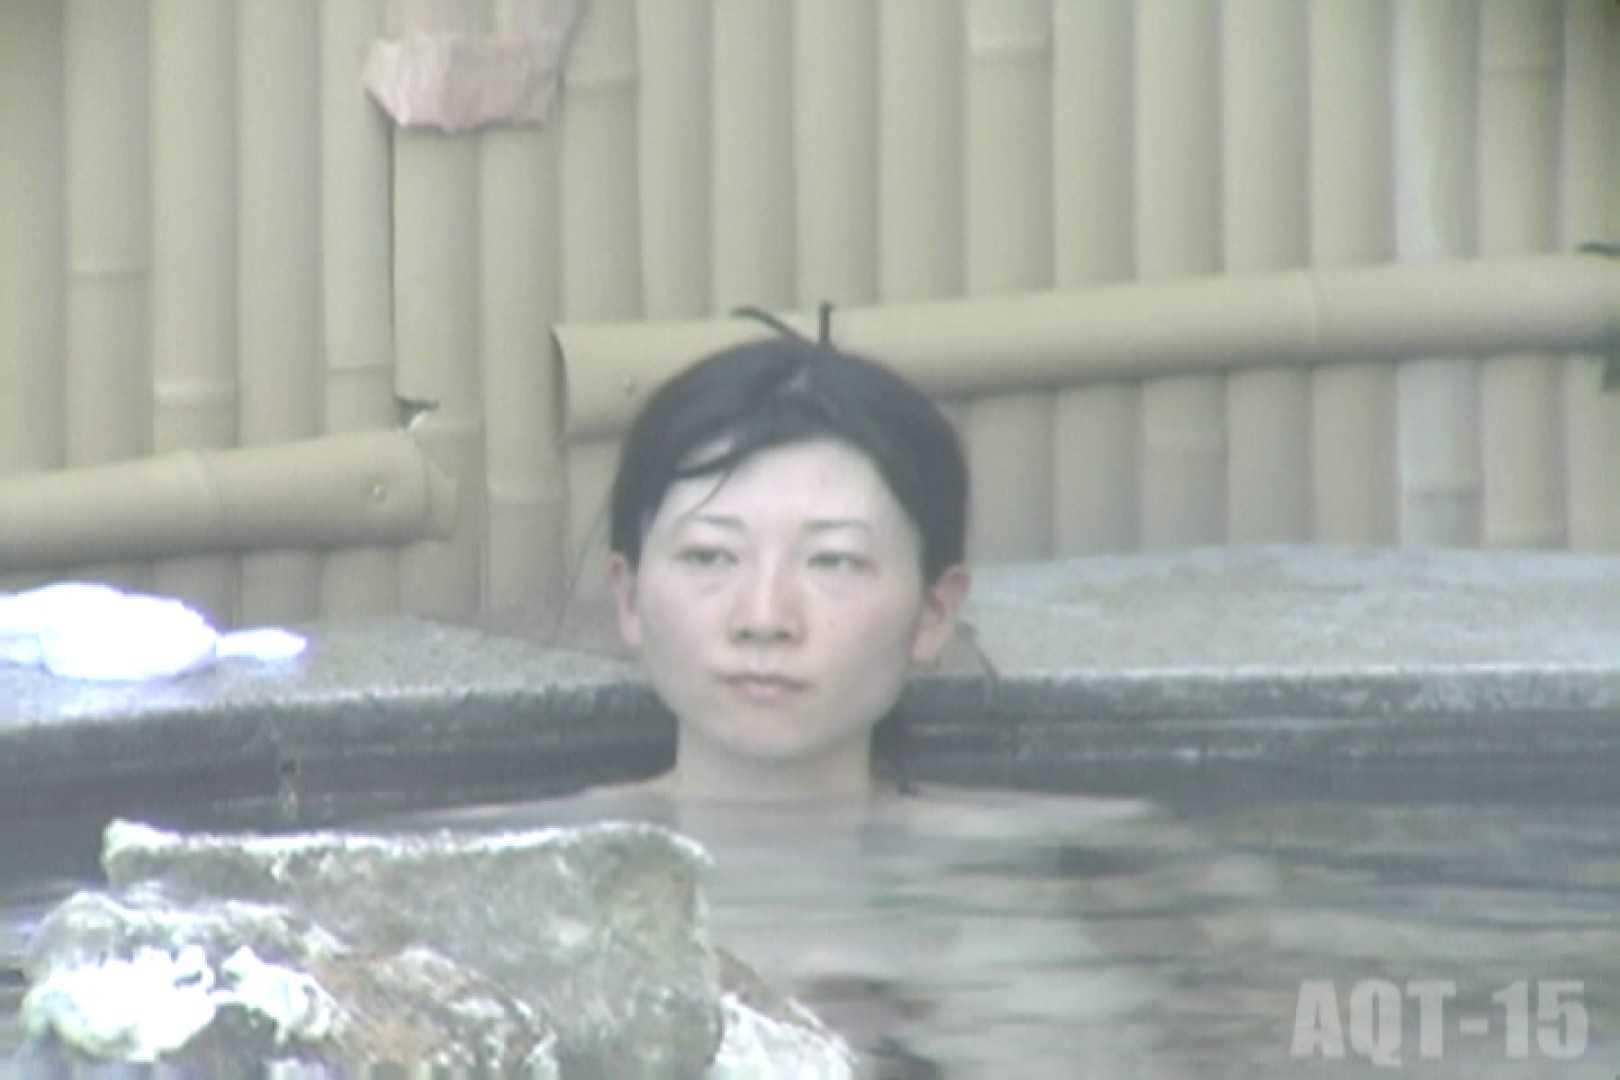 Aquaな露天風呂Vol.835 0  57pic 26